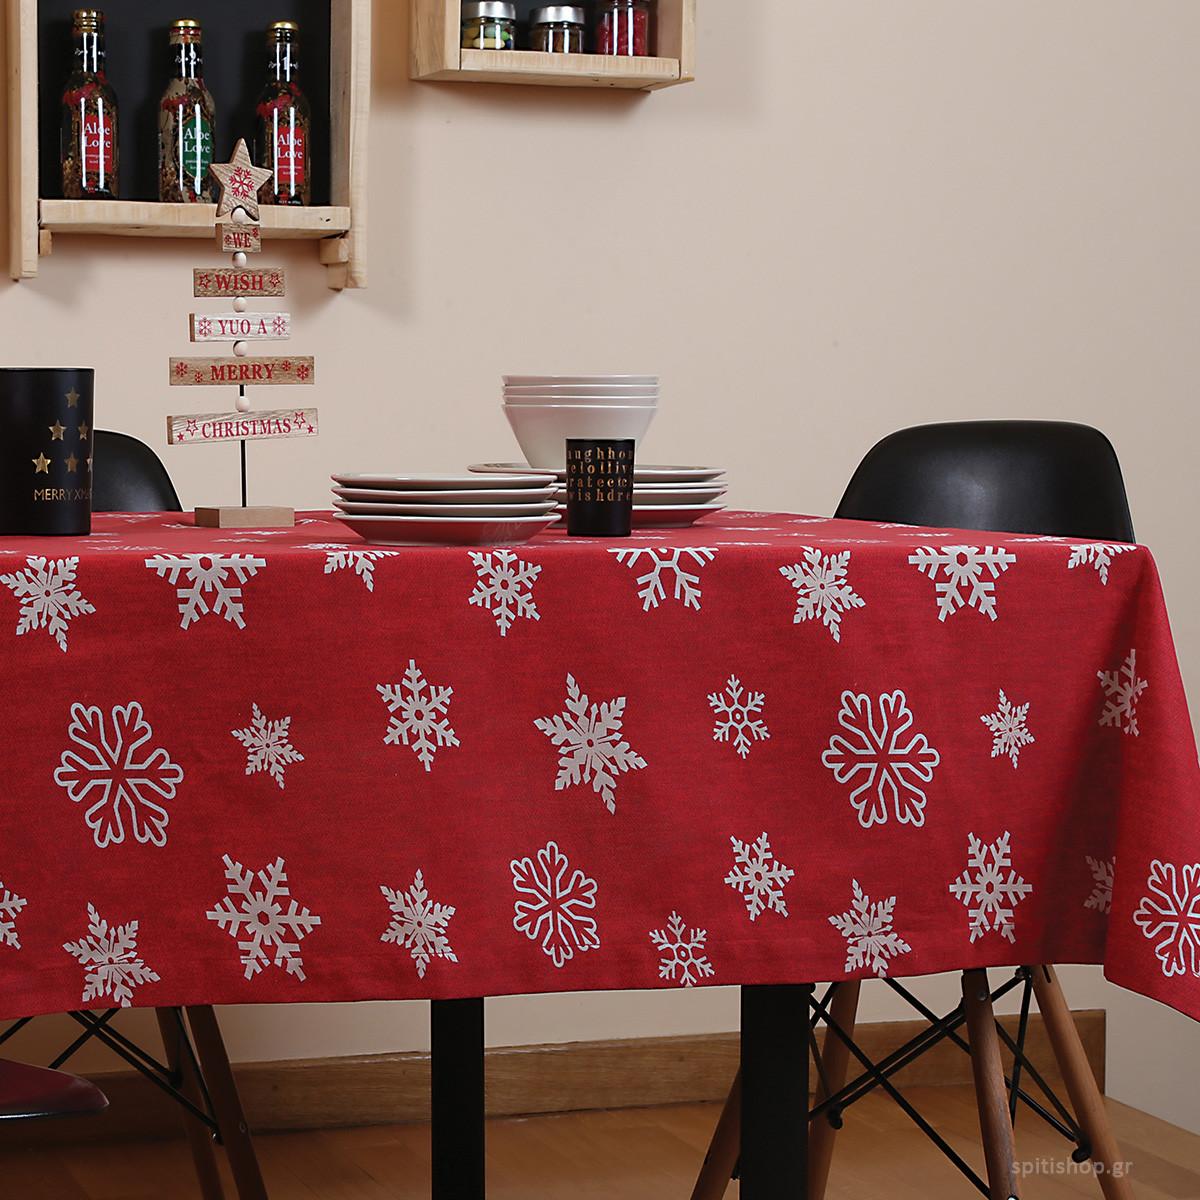 Χριστουγεννιάτικο Τραπεζομάντηλο (140×240) Nef-Nef Miracle